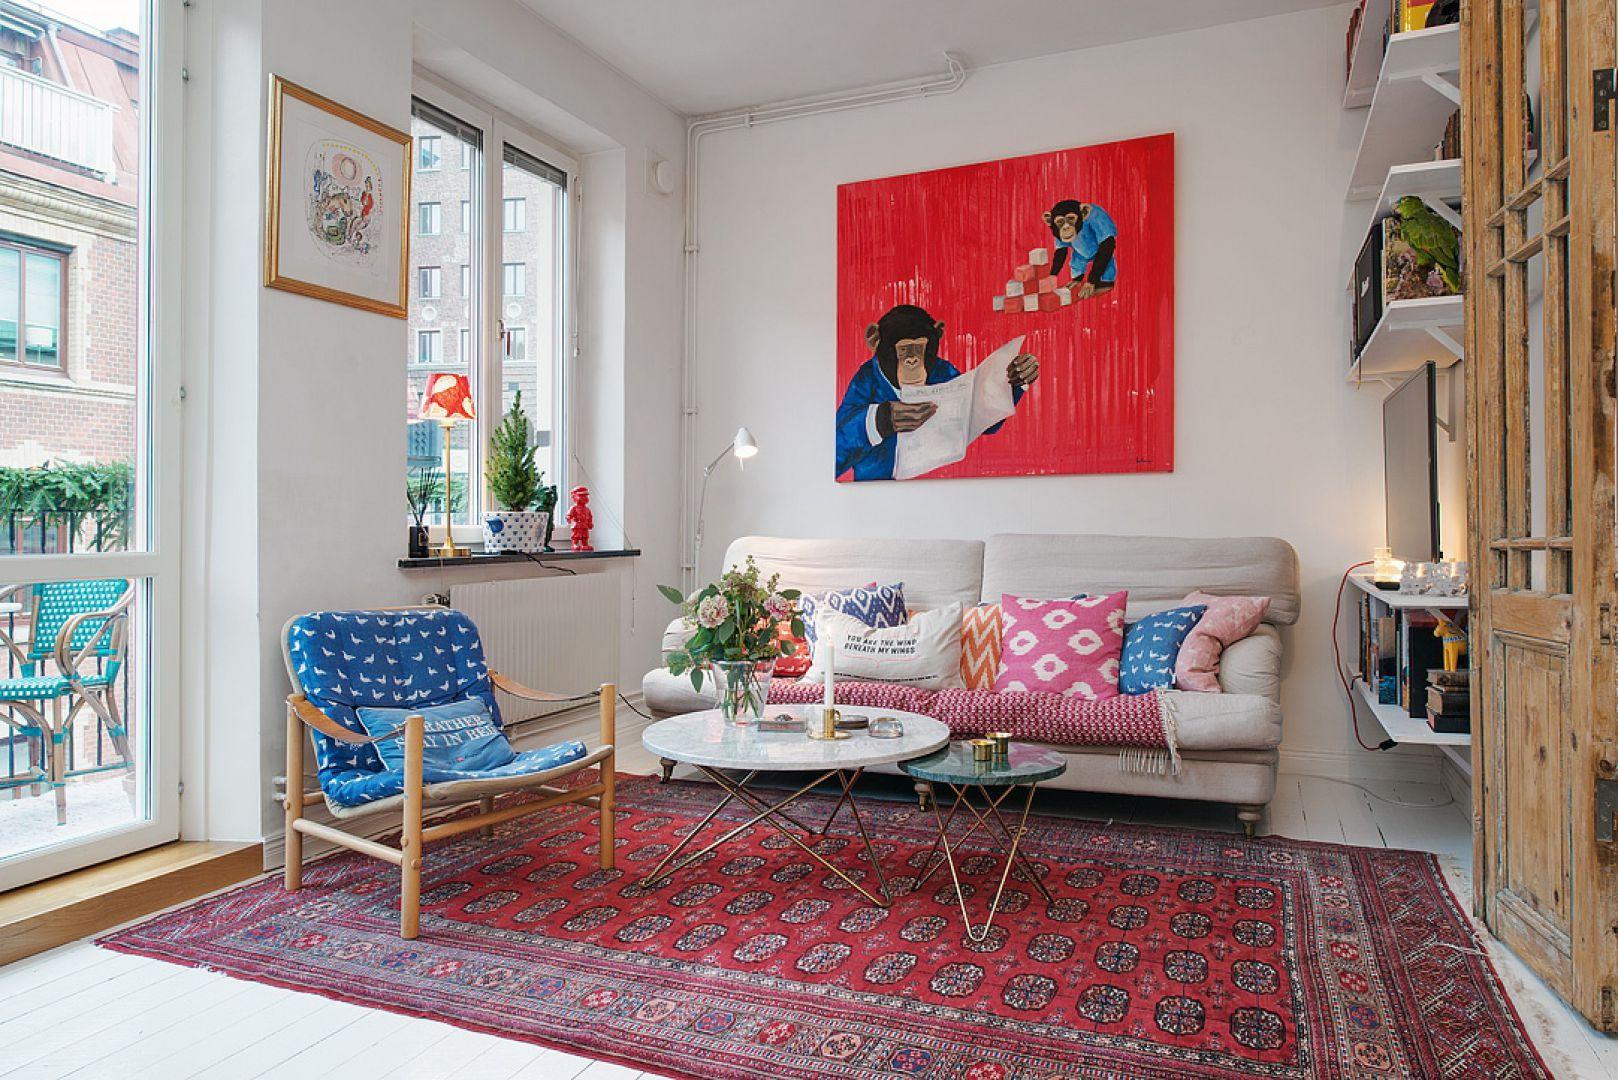 Wiszący na ścianie obraz komponuje się kolorystycznie ze wzorzystym dywanem na podłodze w salonie. Pod kolor dobrano także poduszki na kanapie oraz akcesoria dekoracyjne na parapecie. Fot. Alvhem Makleri & Interior / Fredrik J Karlsson, SE360.